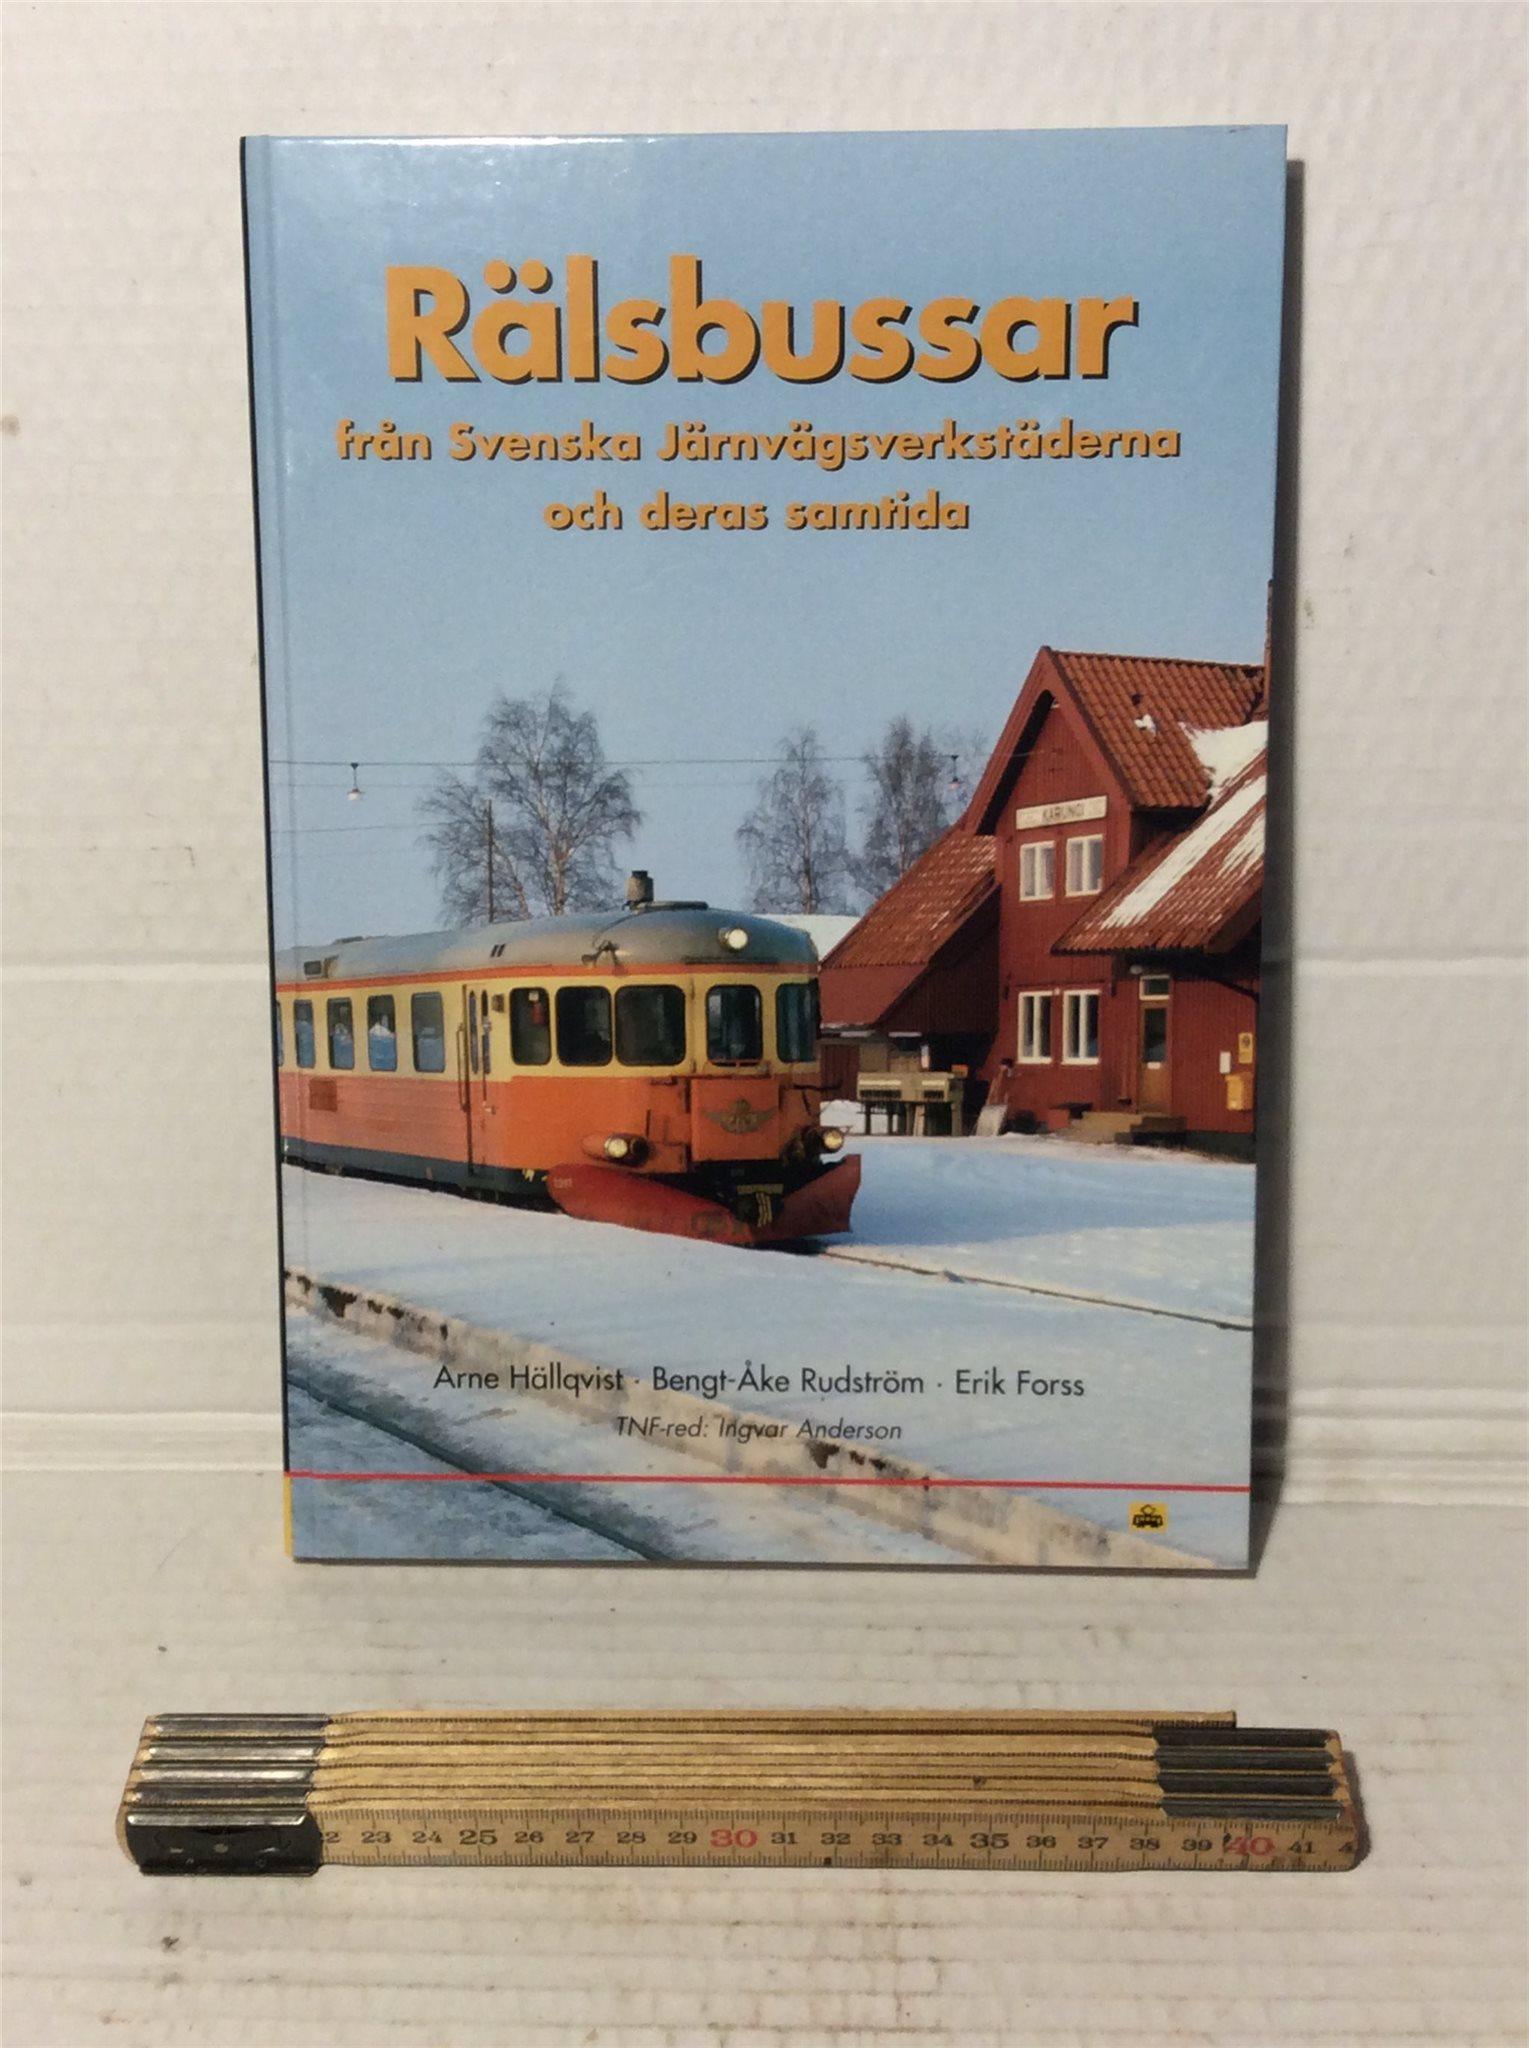 Rälsbussar från Svenska Järnvägsverkstäderna och deras samtidiga